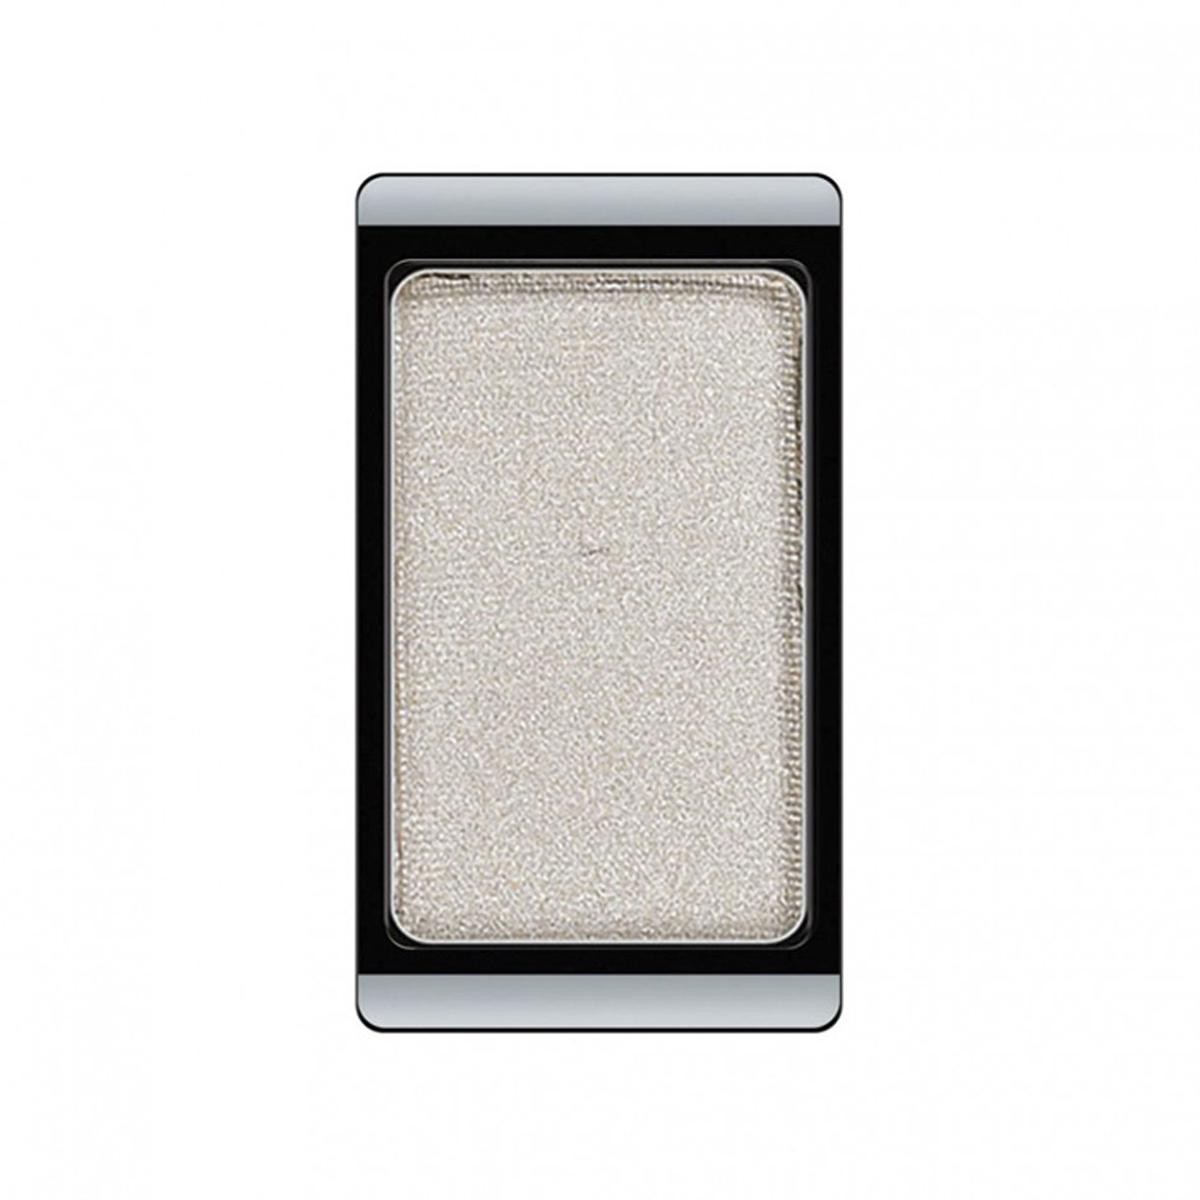 Artdeco Тени для век, перламутровые, 1 цвет, тон №15, 0,8 г30.15Перламутровые тени для век Artdeco придадут вашему взгляду выразительную глубину. Их отличает высокая стойкость и невероятно легкое нанесение. Это профессиональный продукт для несравненного результата! Упаковка на магнитах позволяет комбинировать тени по вашему выбору в элегантные коробочки. Тени Artdeco дарят возможность почувствовать себя своим собственным художником по макияжу! Характеристики:Вес: 0,8 г. Тон: №15. Производитель: Германия. Артикул: 30.15. Товар сертифицирован.